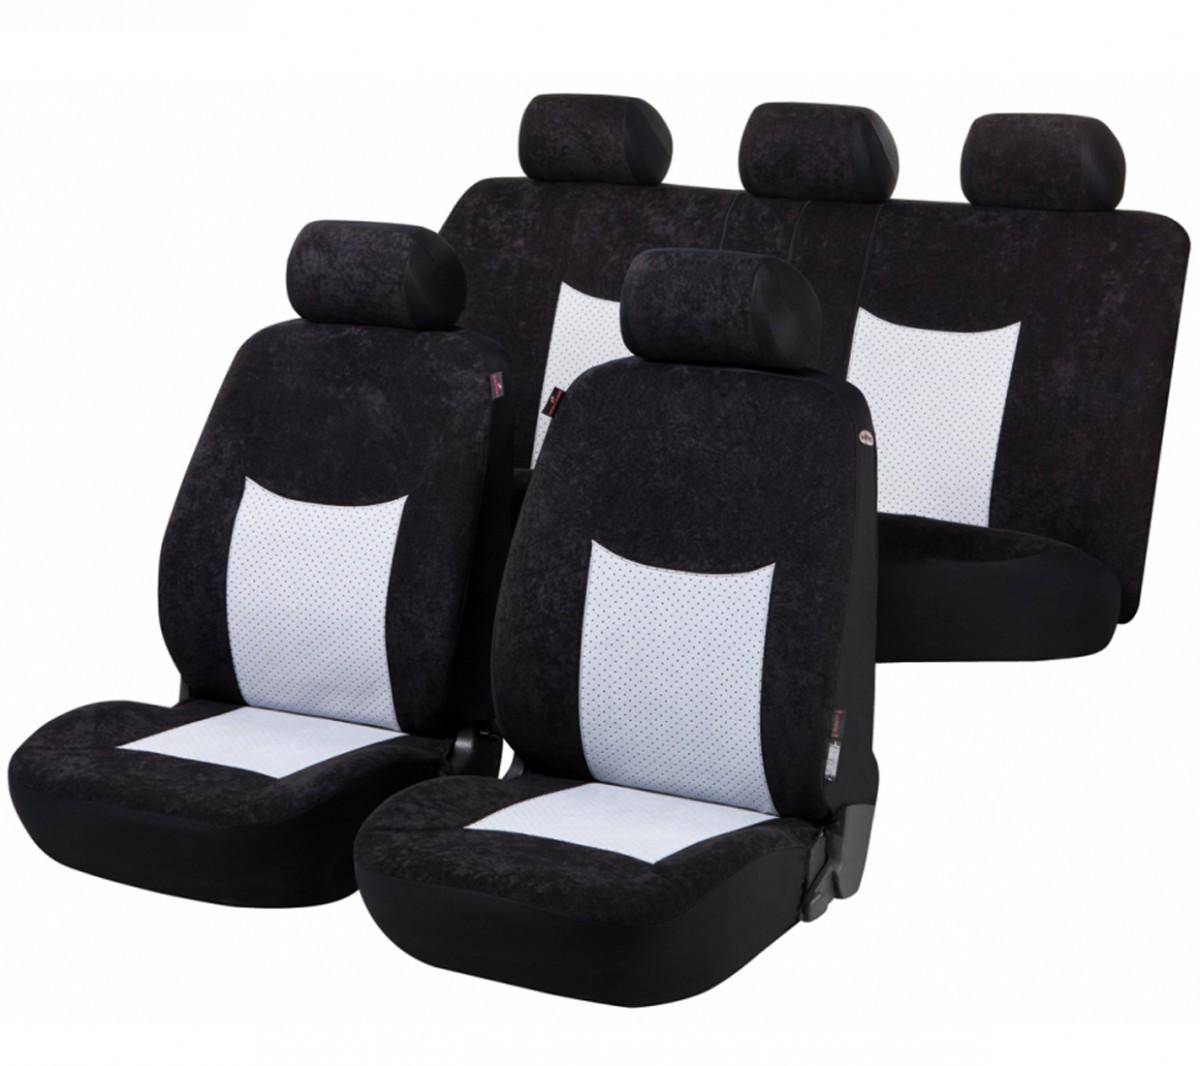 Schwarz-graue Sitzbezüge für SUBARU FORESTER Autositzbezug Komplett